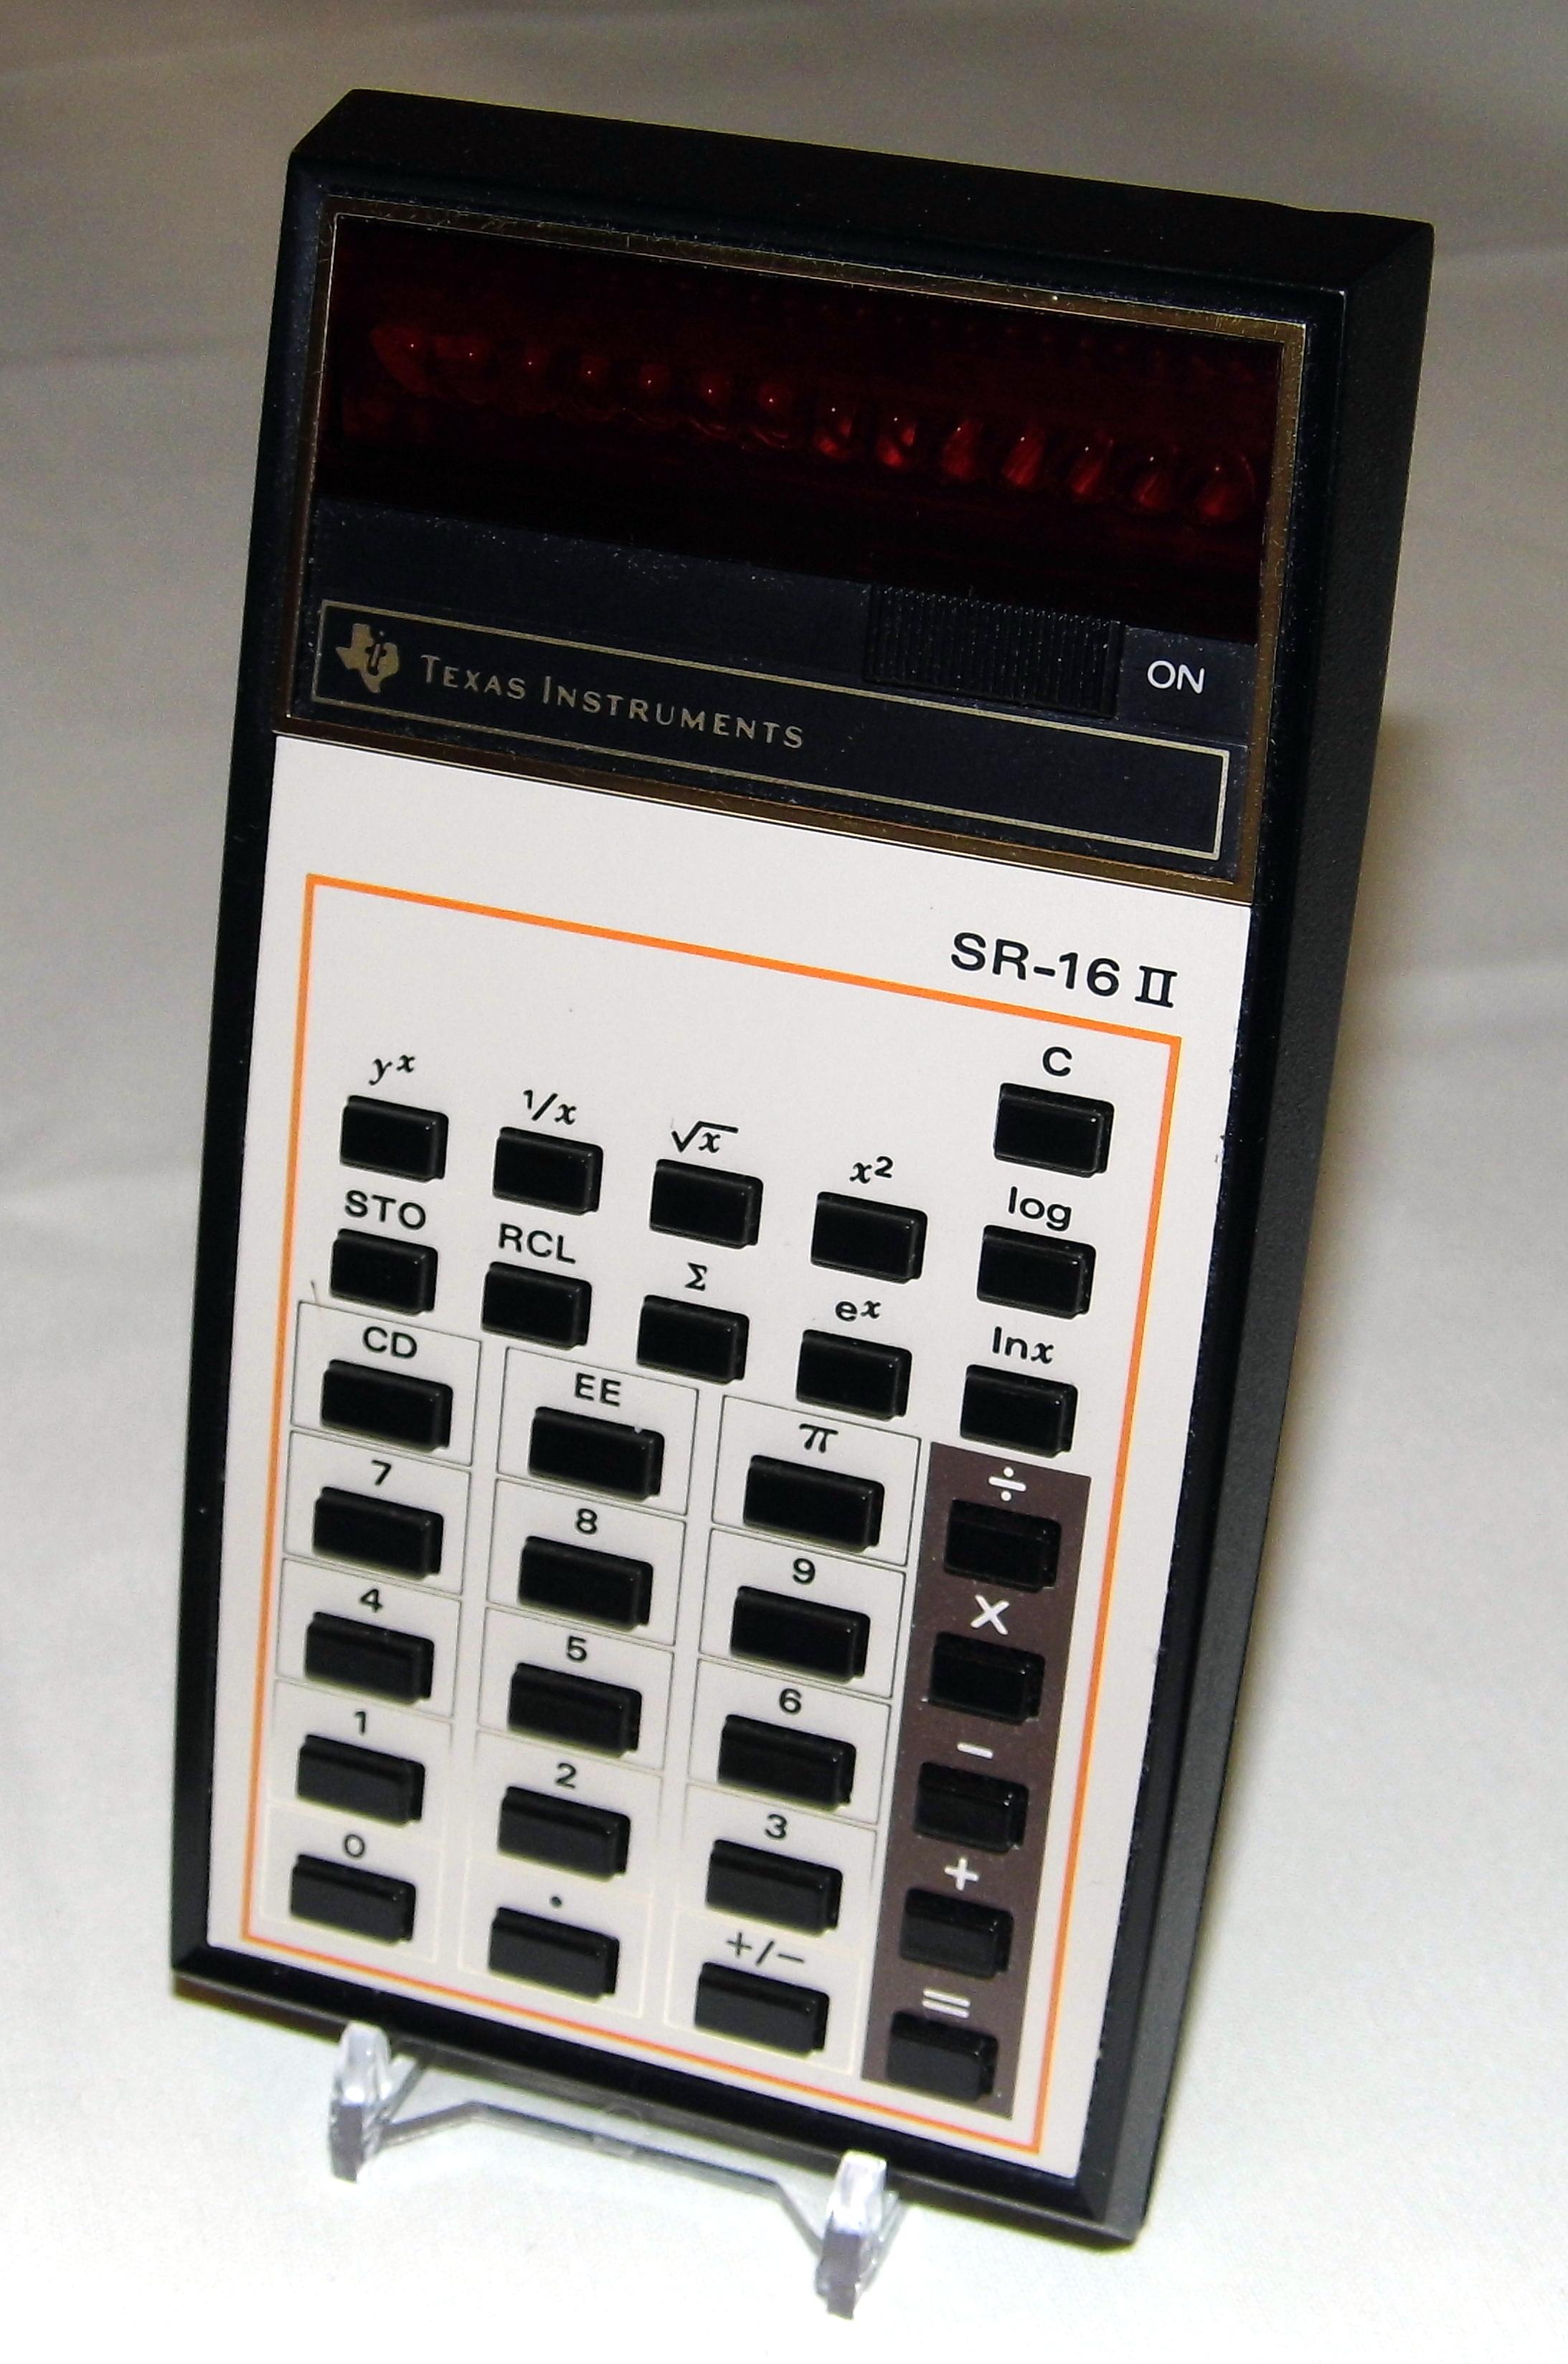 File:Vintage Texas Instruments Pocket LED Calculator, Model SR-16 II